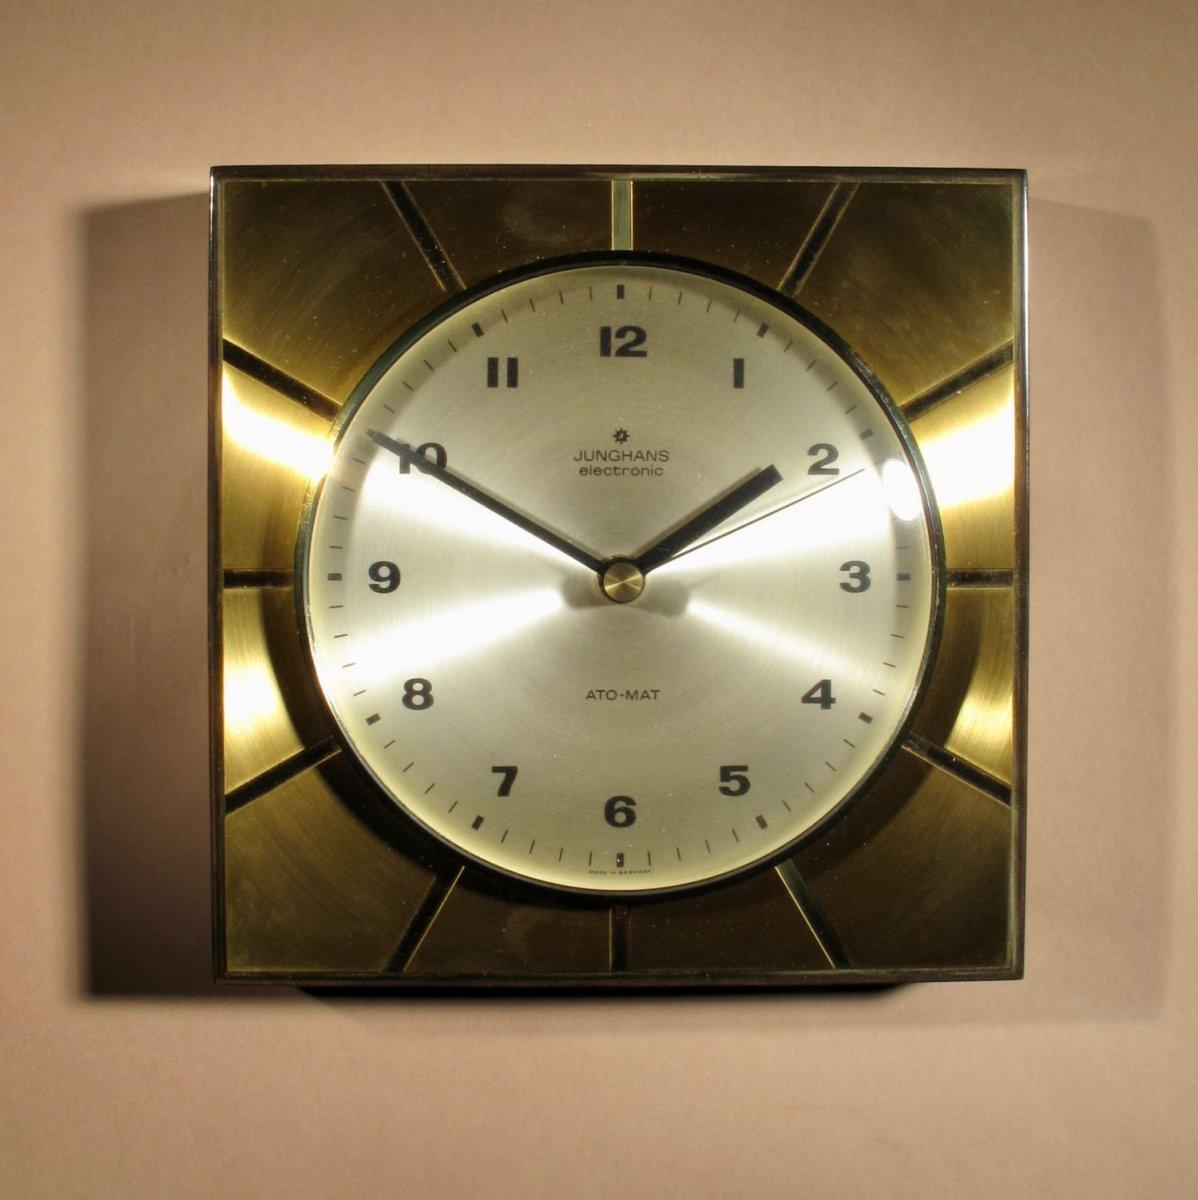 Une Horloge Murale Design Junghans Ato-mat élégante.